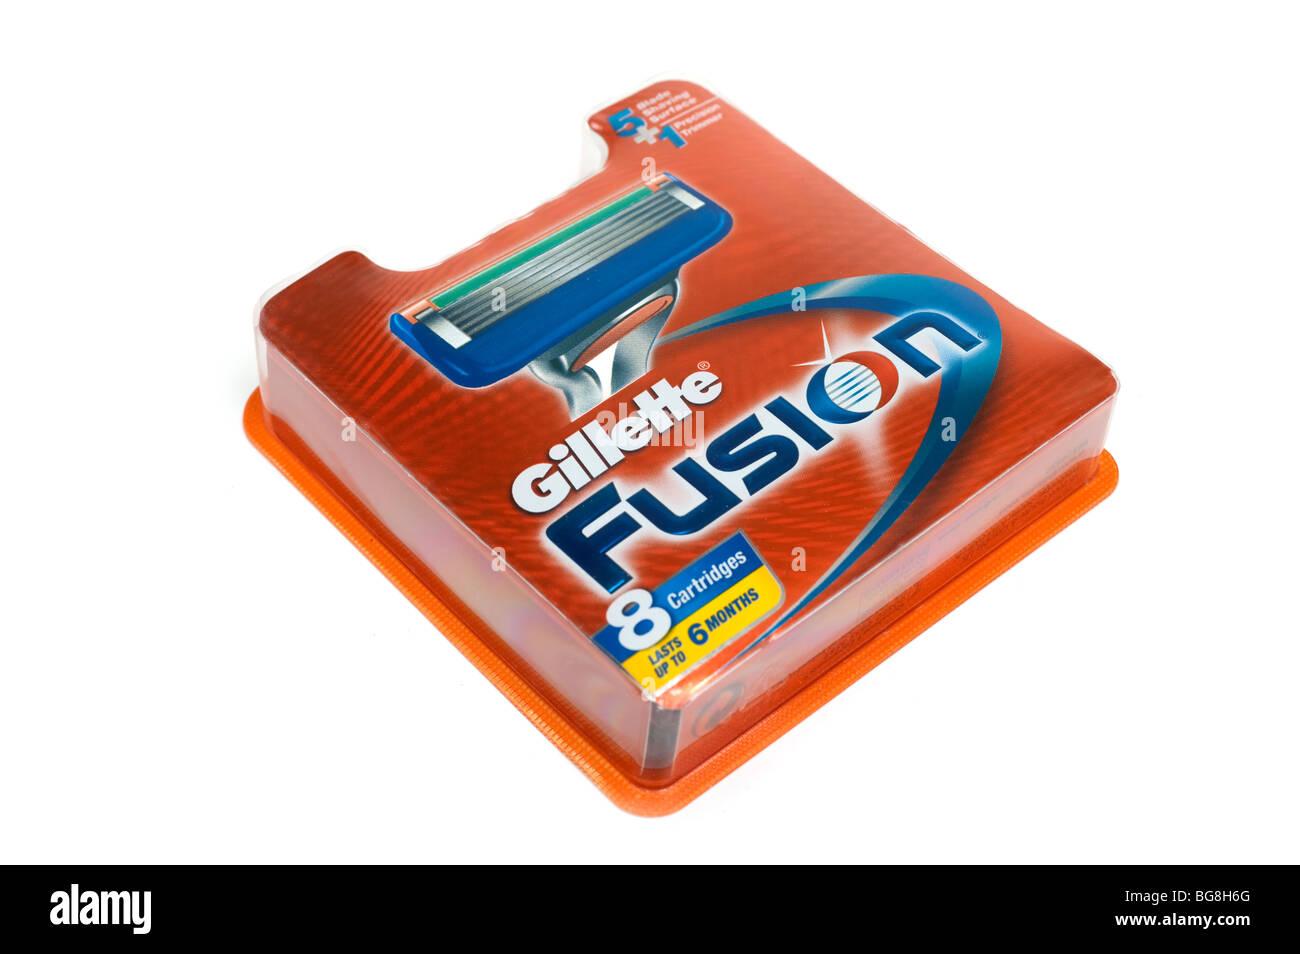 Le Fusion cartouche huit cinq lames rasoir pack Photo Stock